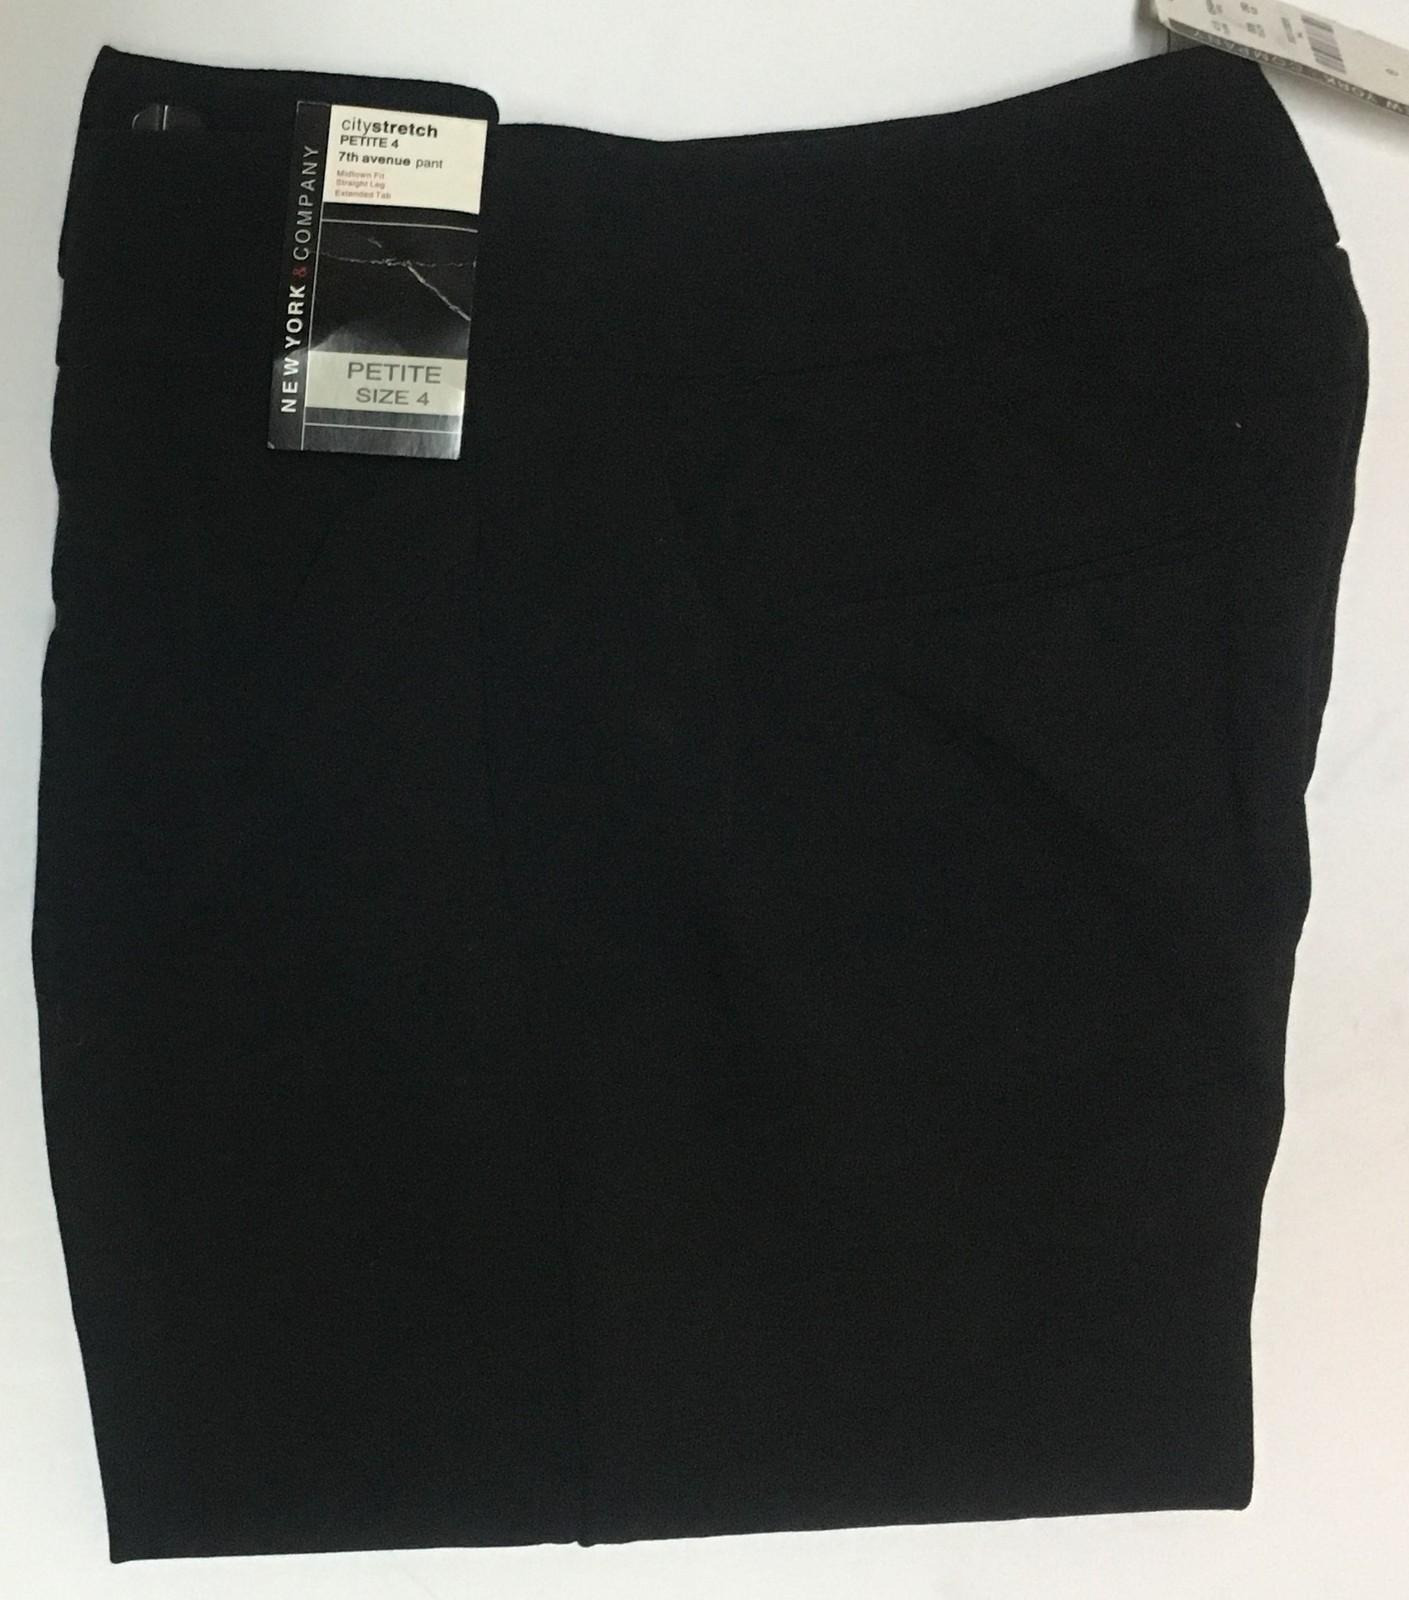 NY&Co. City Stretch 7th Ave Black Dress Pants SZ 4P